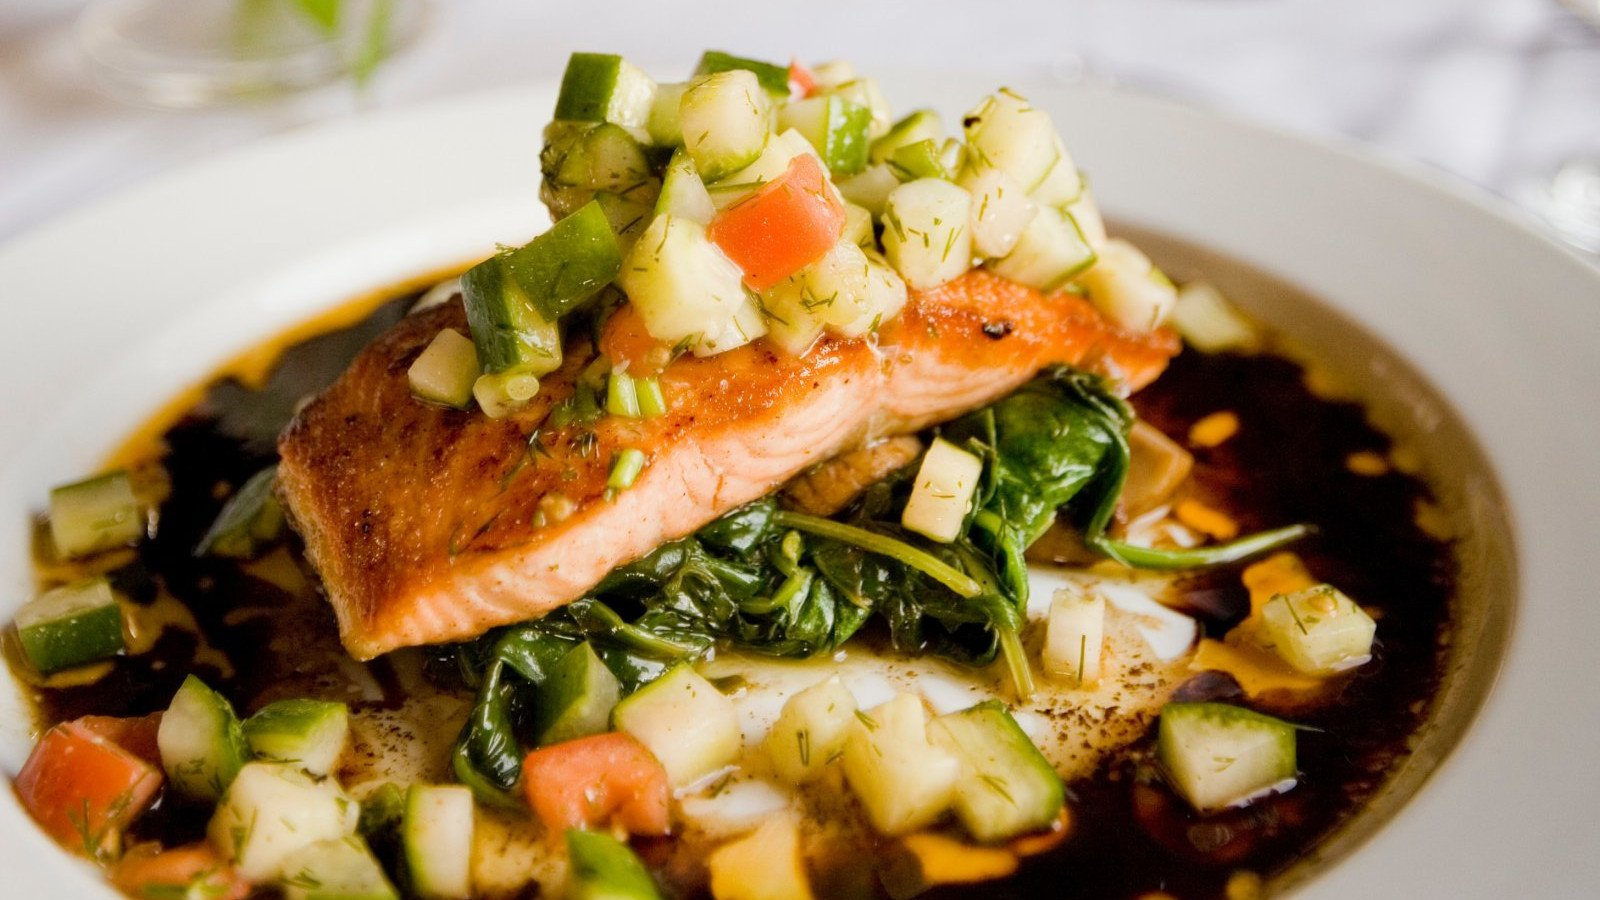 No dejes de lado las carnes y los pescados, grandes fuentes de proteínas.